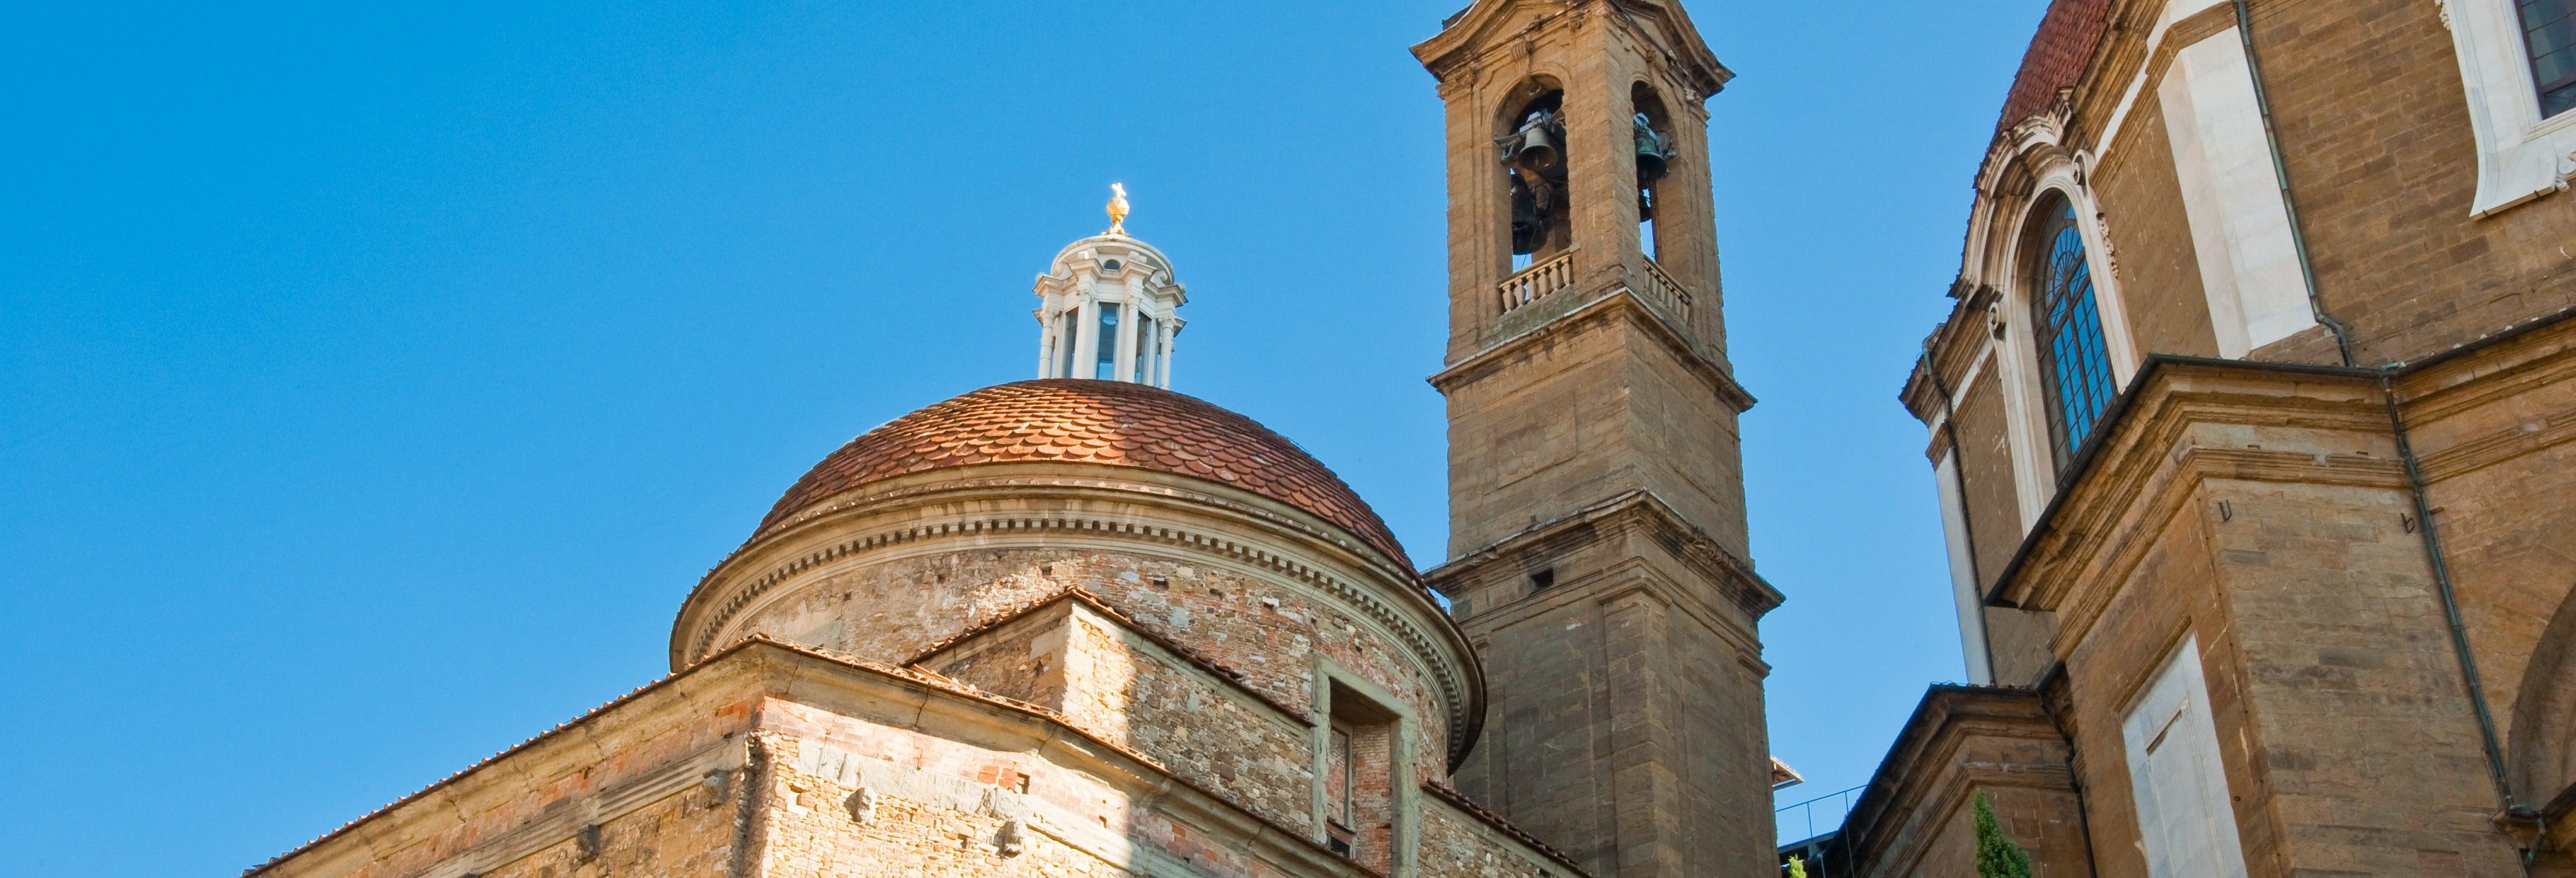 Medici Florence Tour